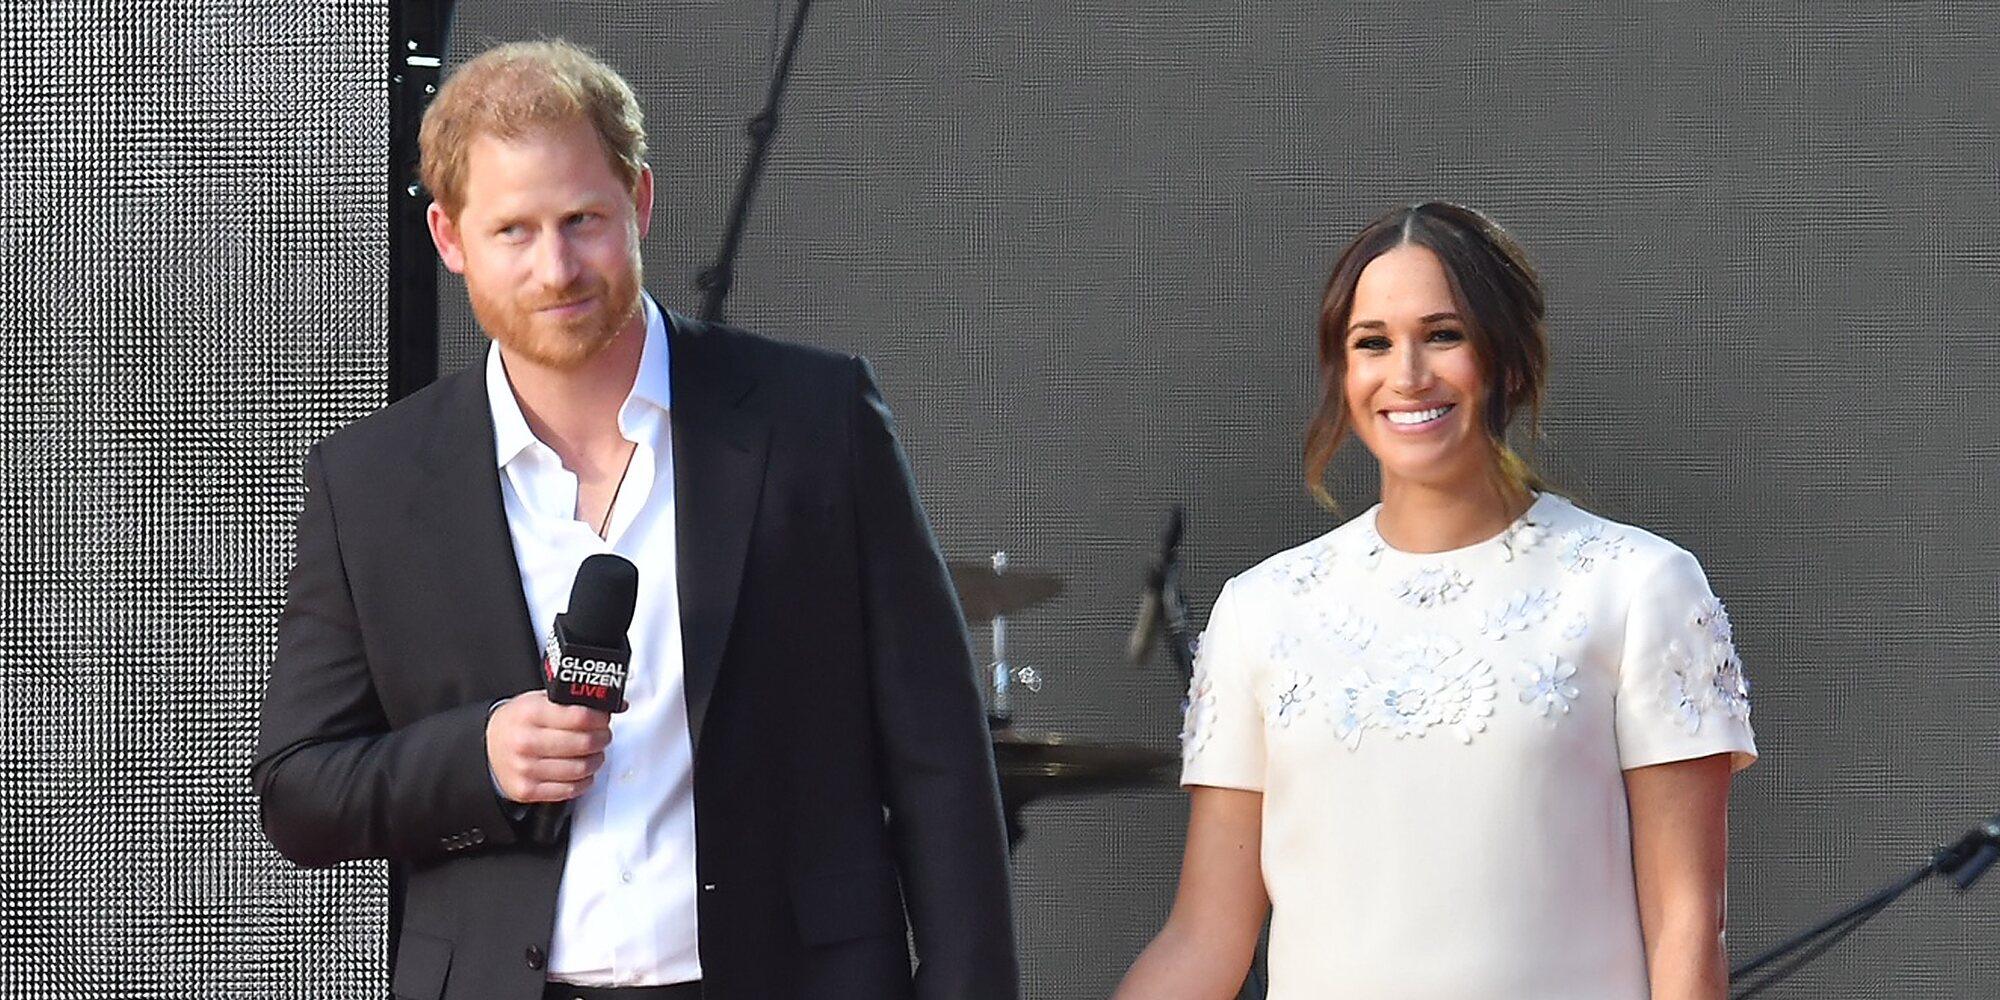 El Príncipe Harry y Meghan Markle culminan su viaje a Nueva York con un importante mensaje